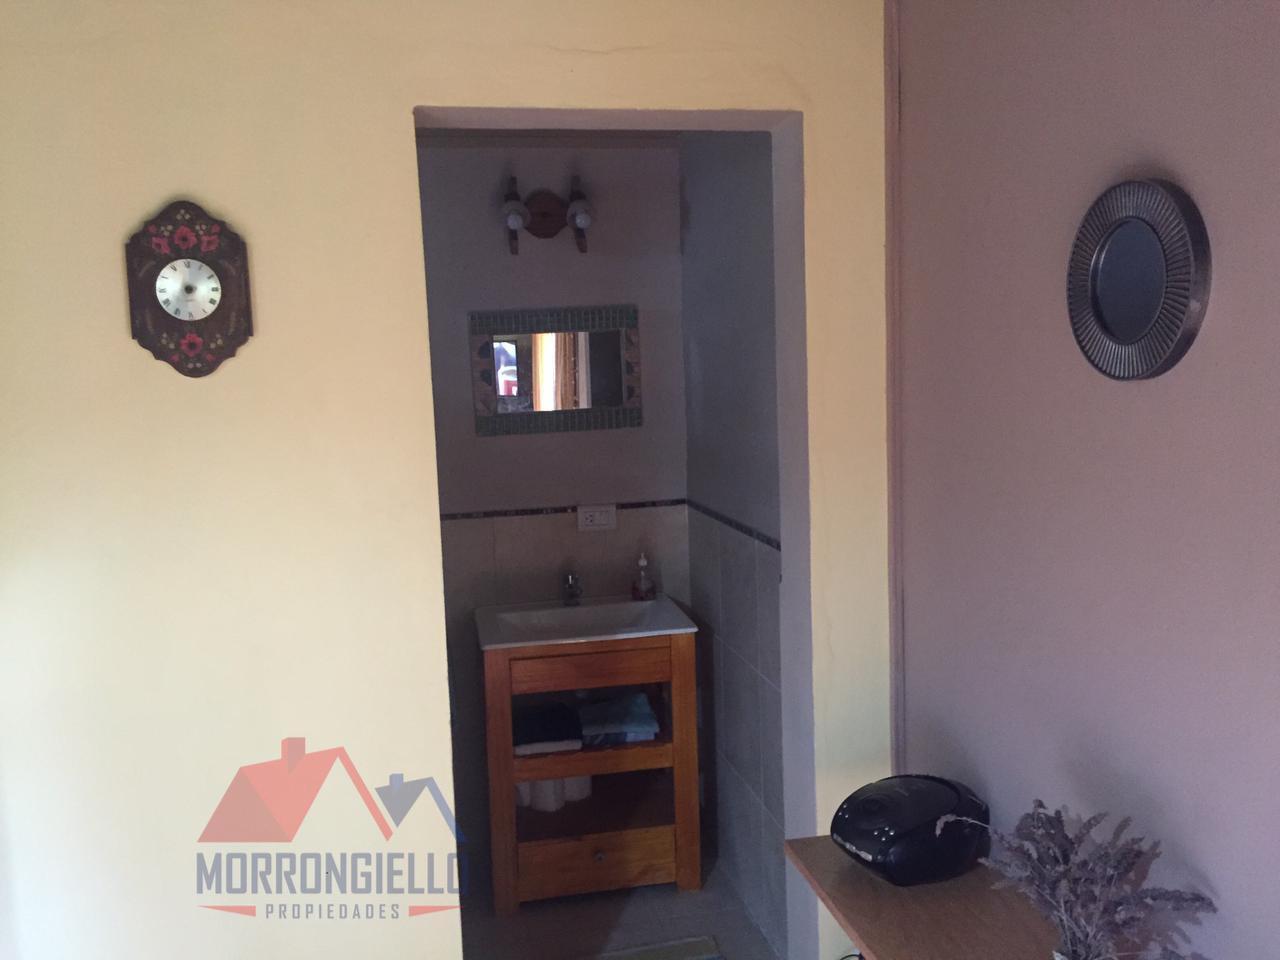 Morrongiello Propiedades - Sgo del Estero y Av 2